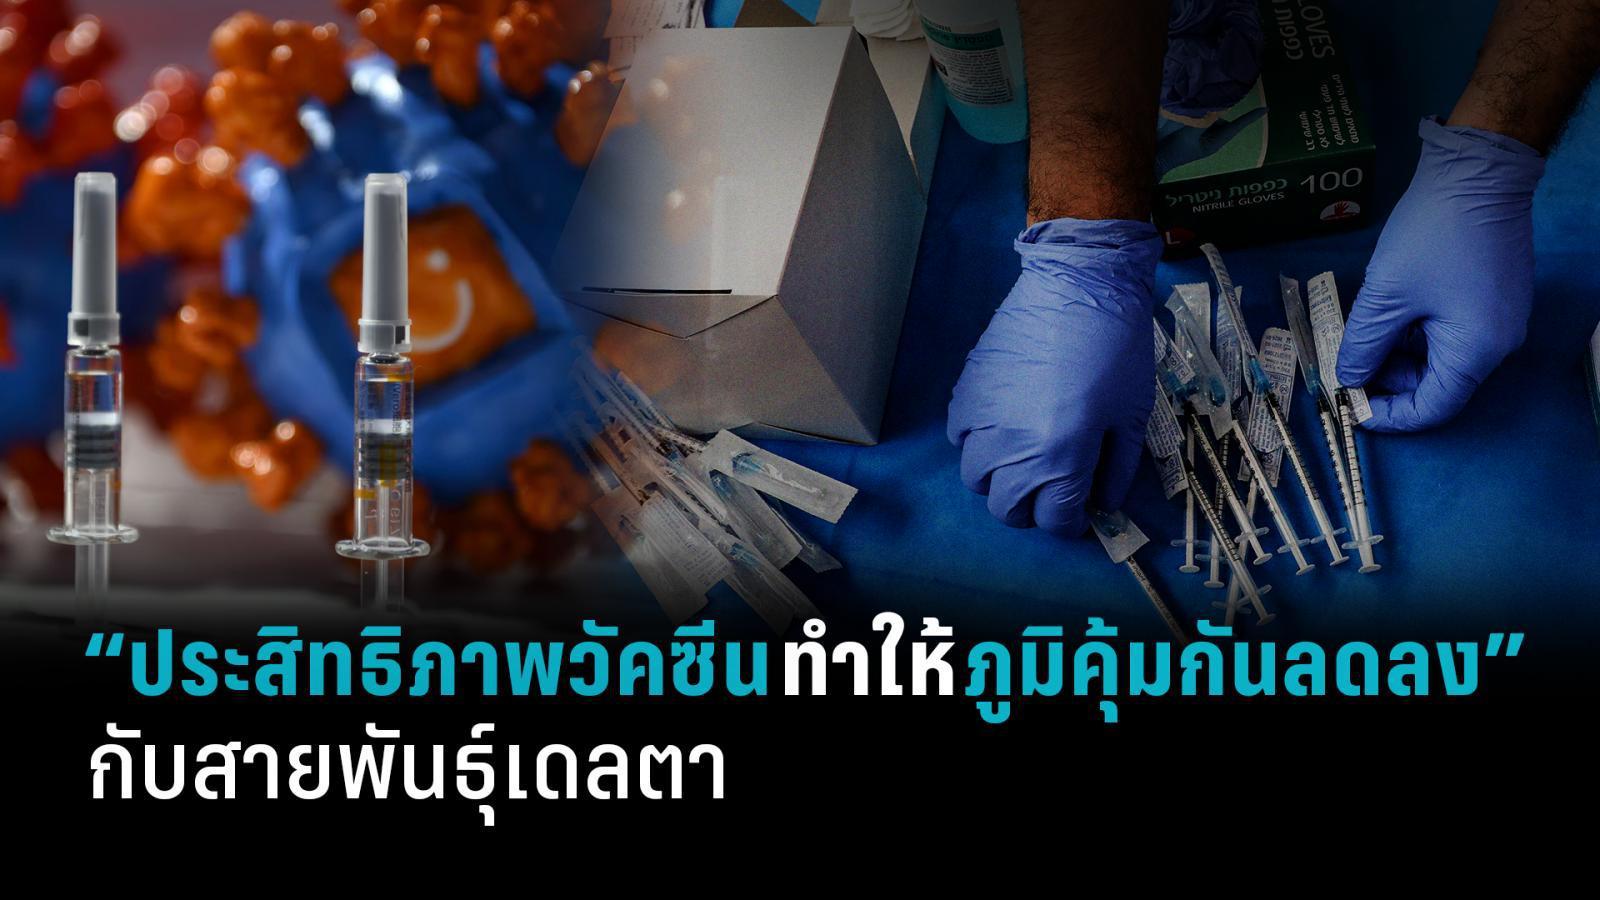 """""""ประสิทธิภาพวัคซีนทำให้ภูมิคุ้มกันลดลง"""" กับสายพันธุ์เดลตา"""